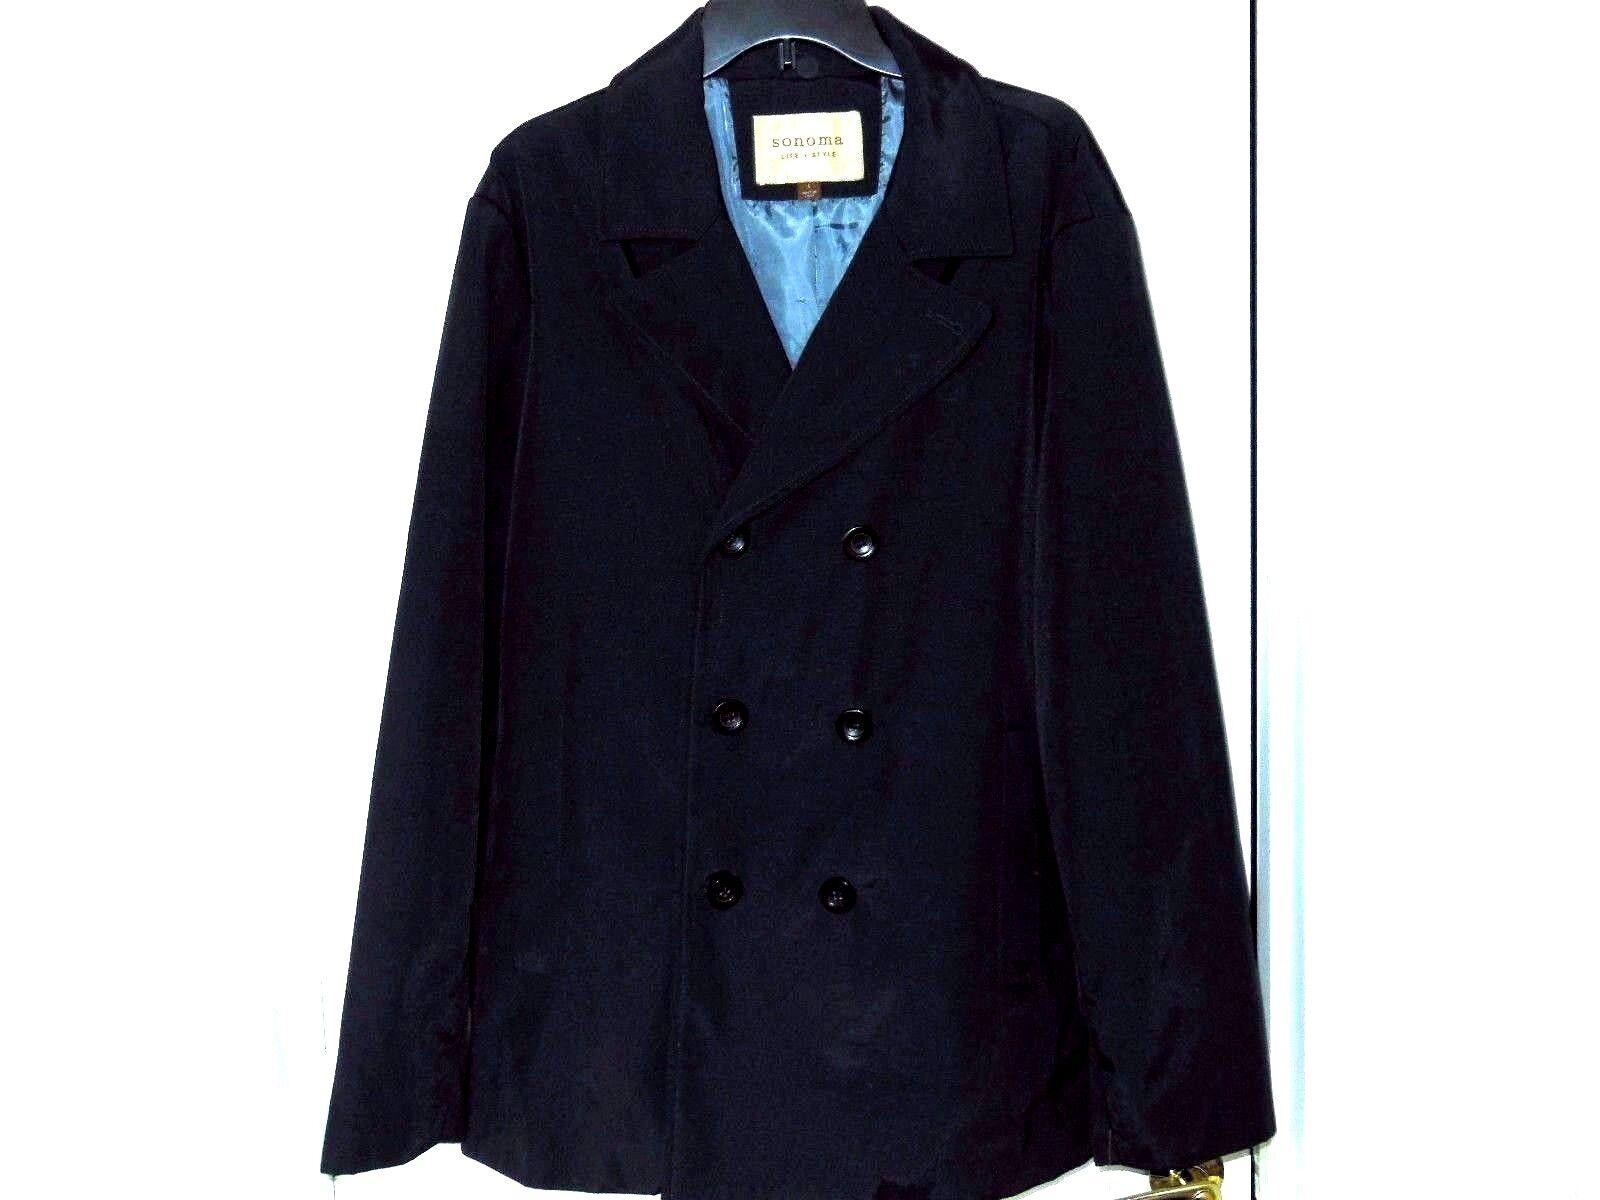 Sonoma mi-longueur robe hommeteau-Taille L, Bleu Marine Doublé Neuf avec étiquettes 140